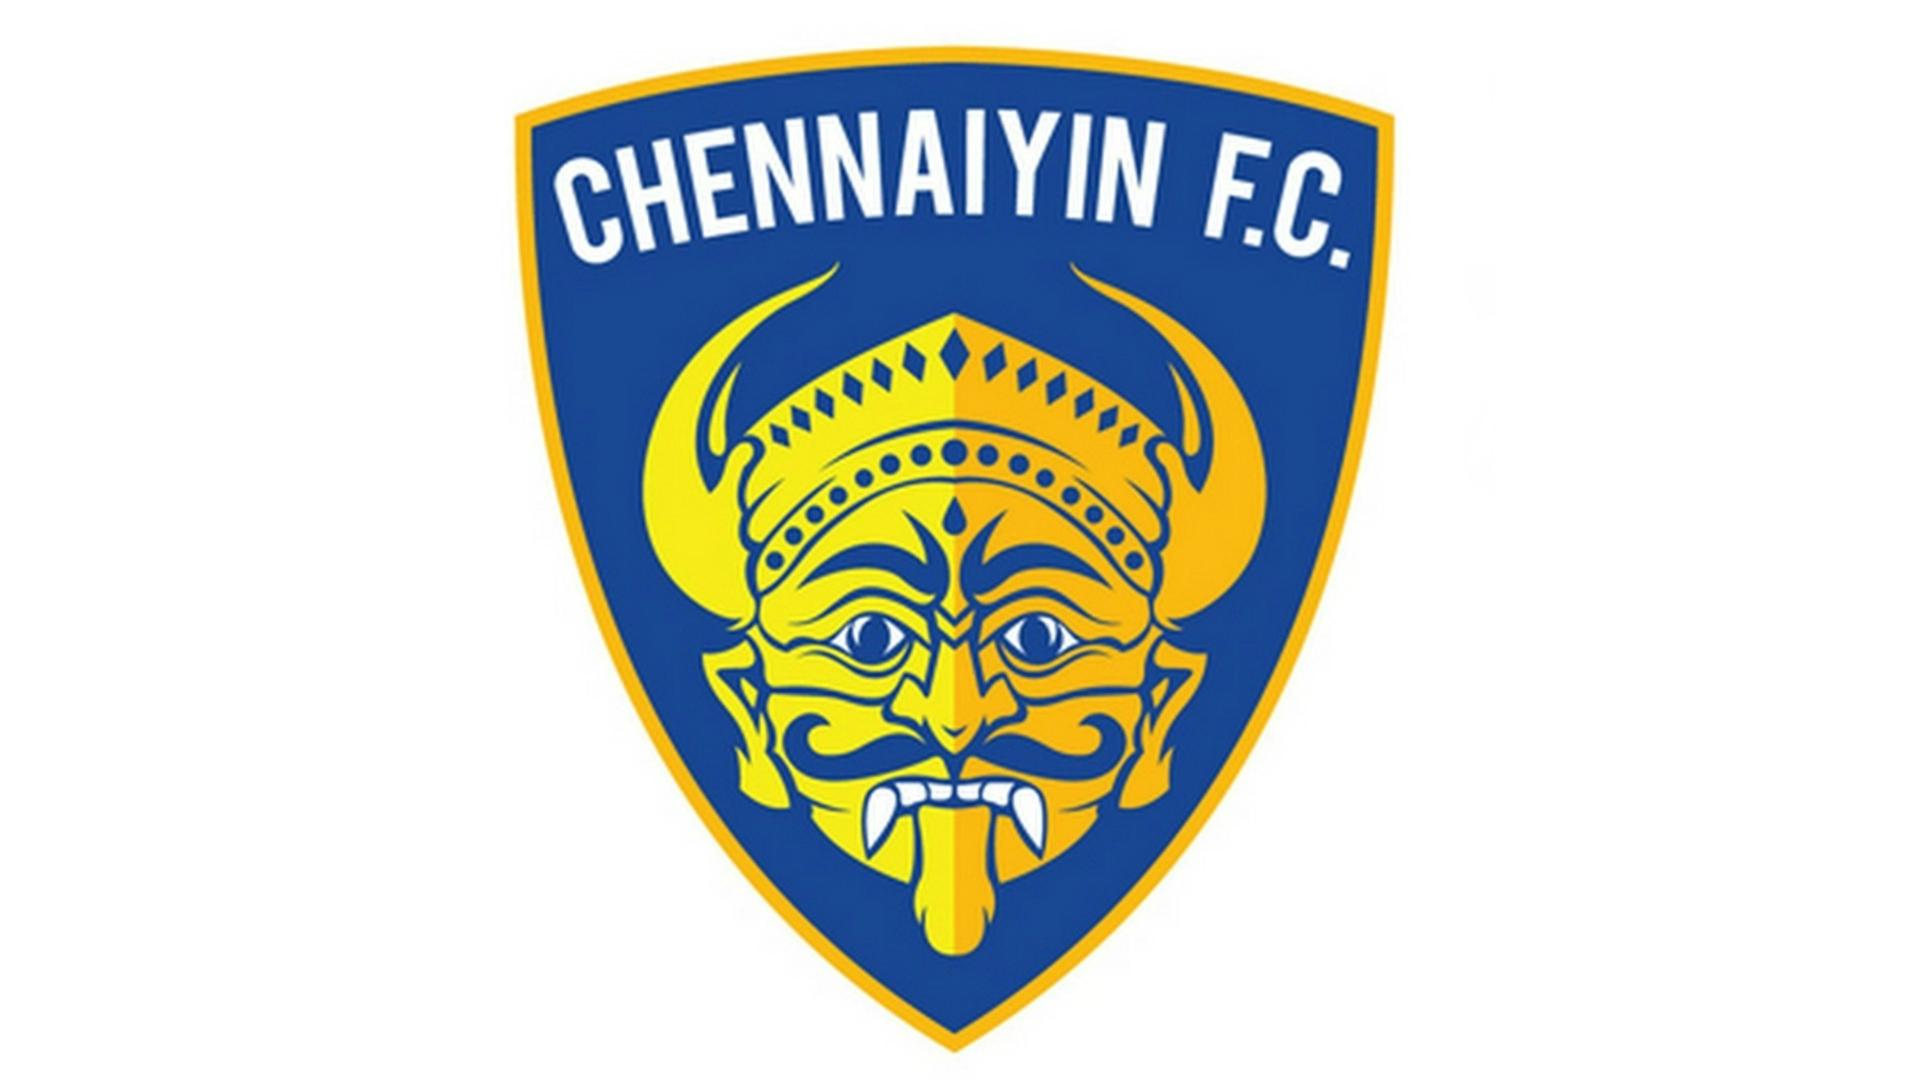 ISL 2021-22: Chennaiyin FC sign former QPR midfielder Ariel Borysiuk